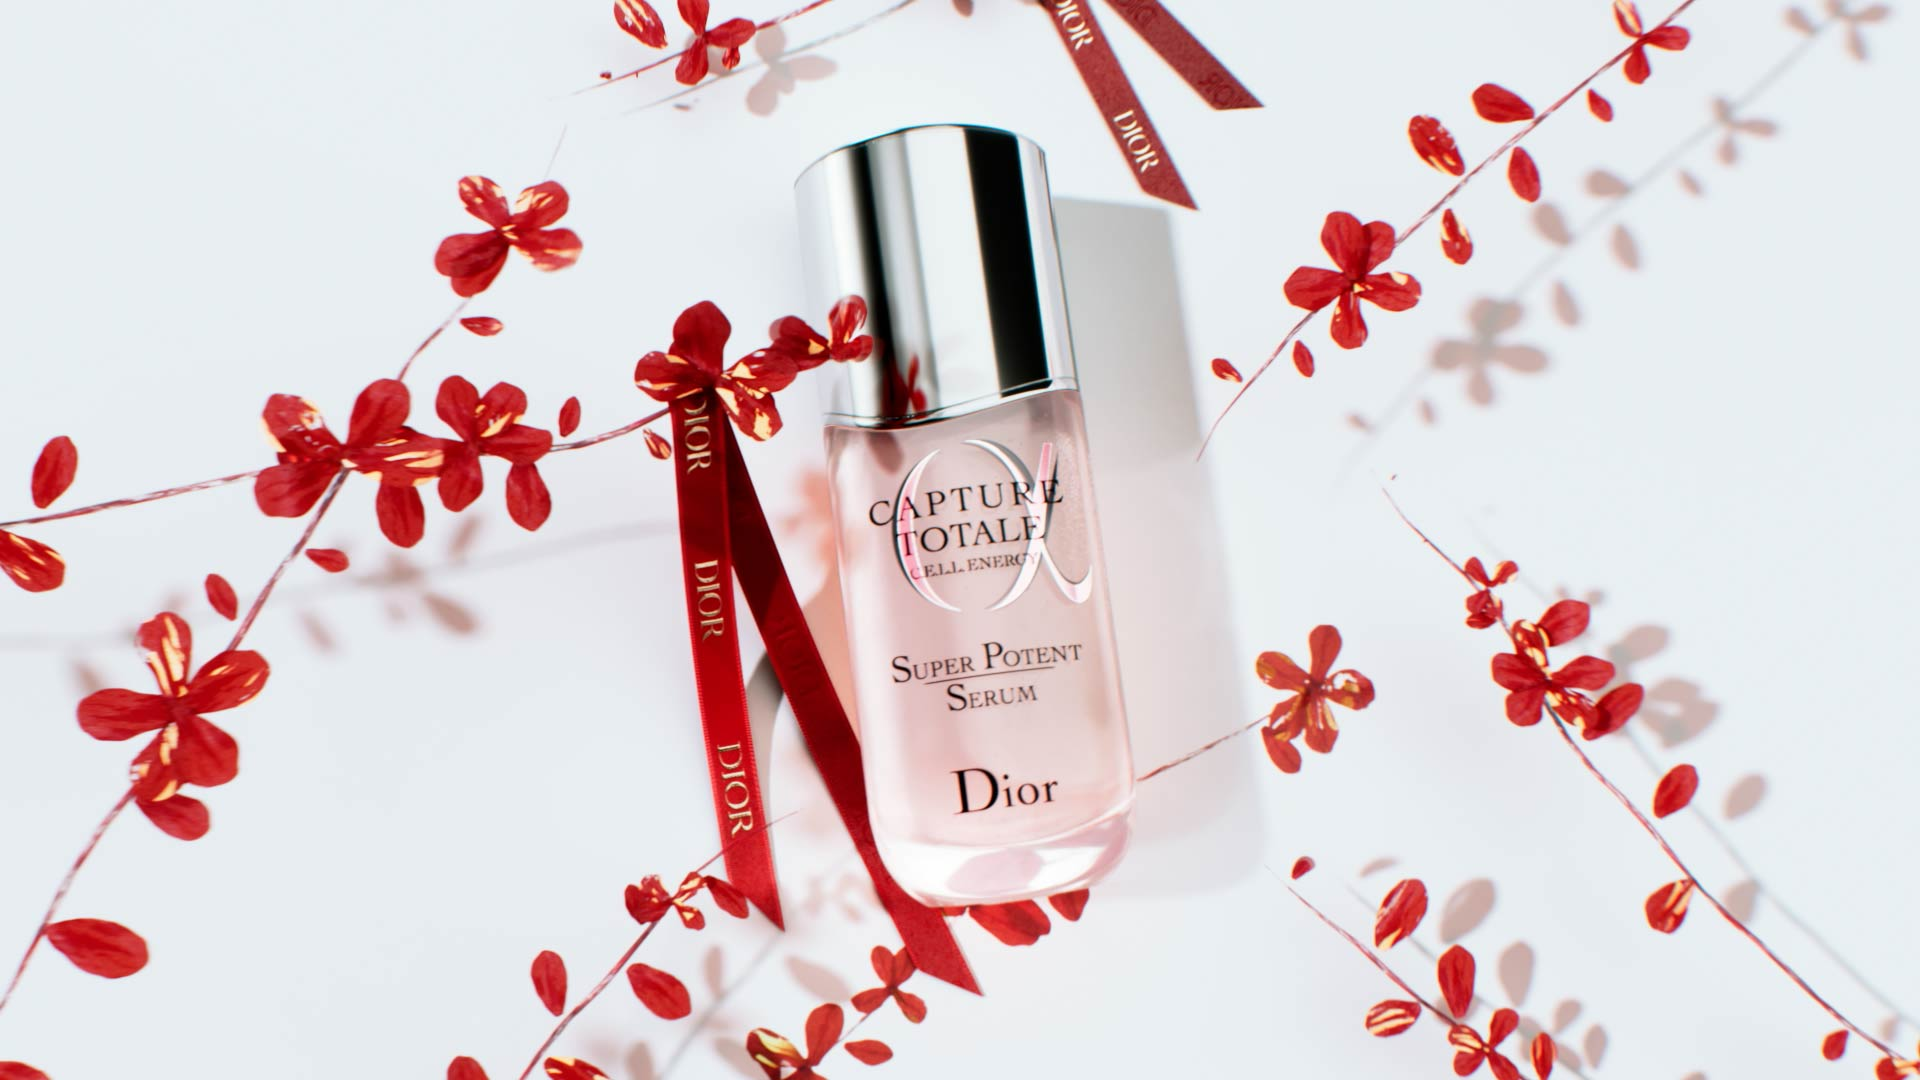 Visuel 3D du Nouvel An chinois pour Dior Capture Totale avec fleurs et rubans rouges